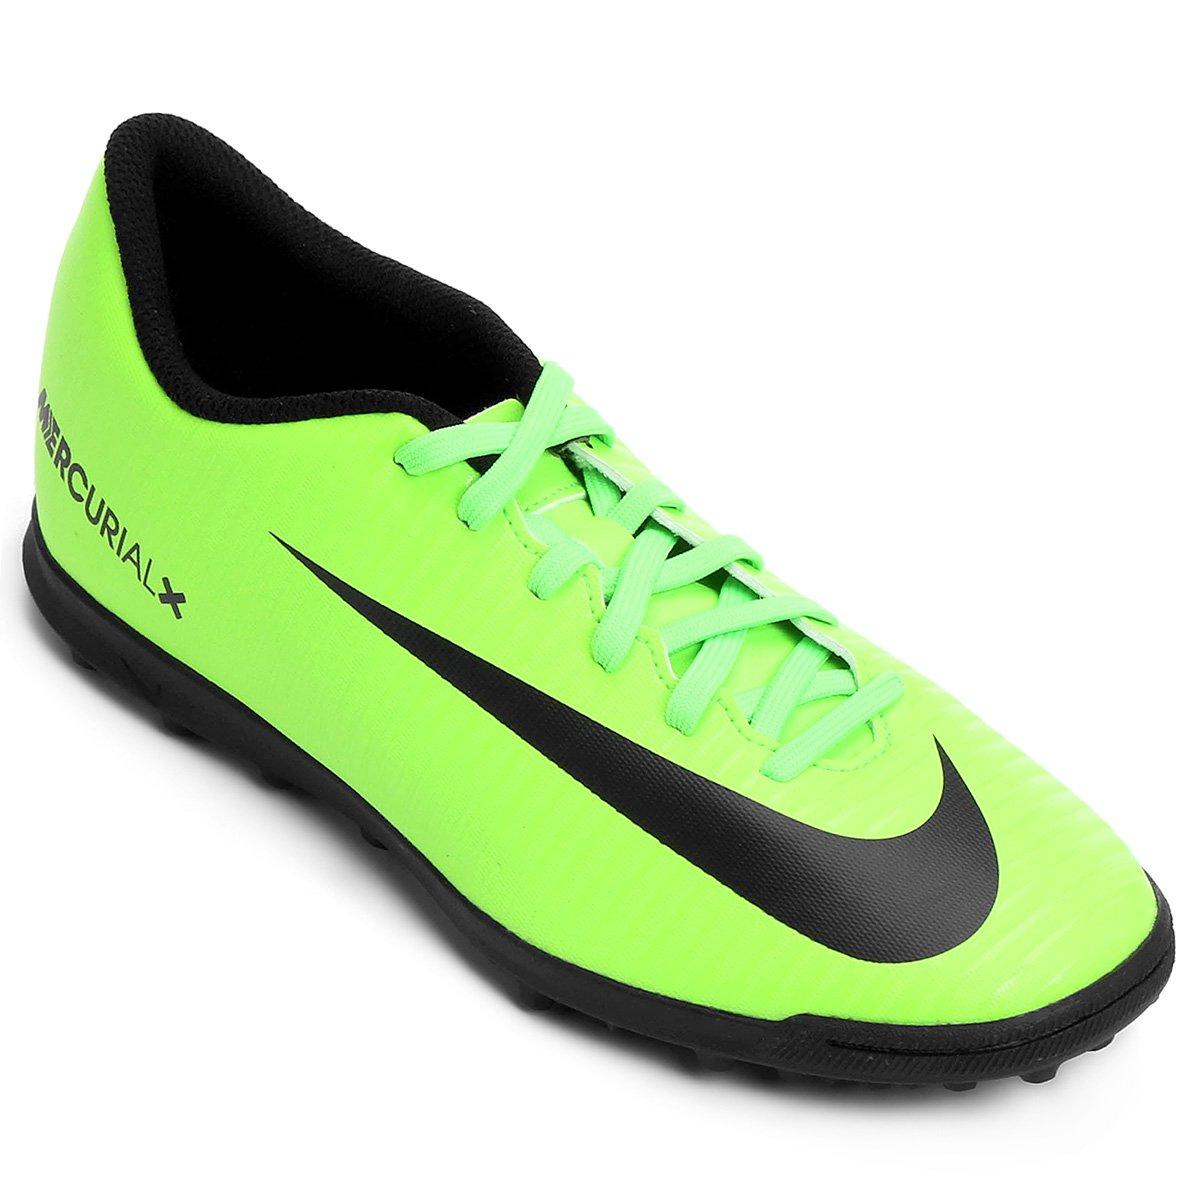 Chuteira Society Nike Mercurial Vortex 3 TF - Verde e Preto - Compre ... 9b38d5ec472cd